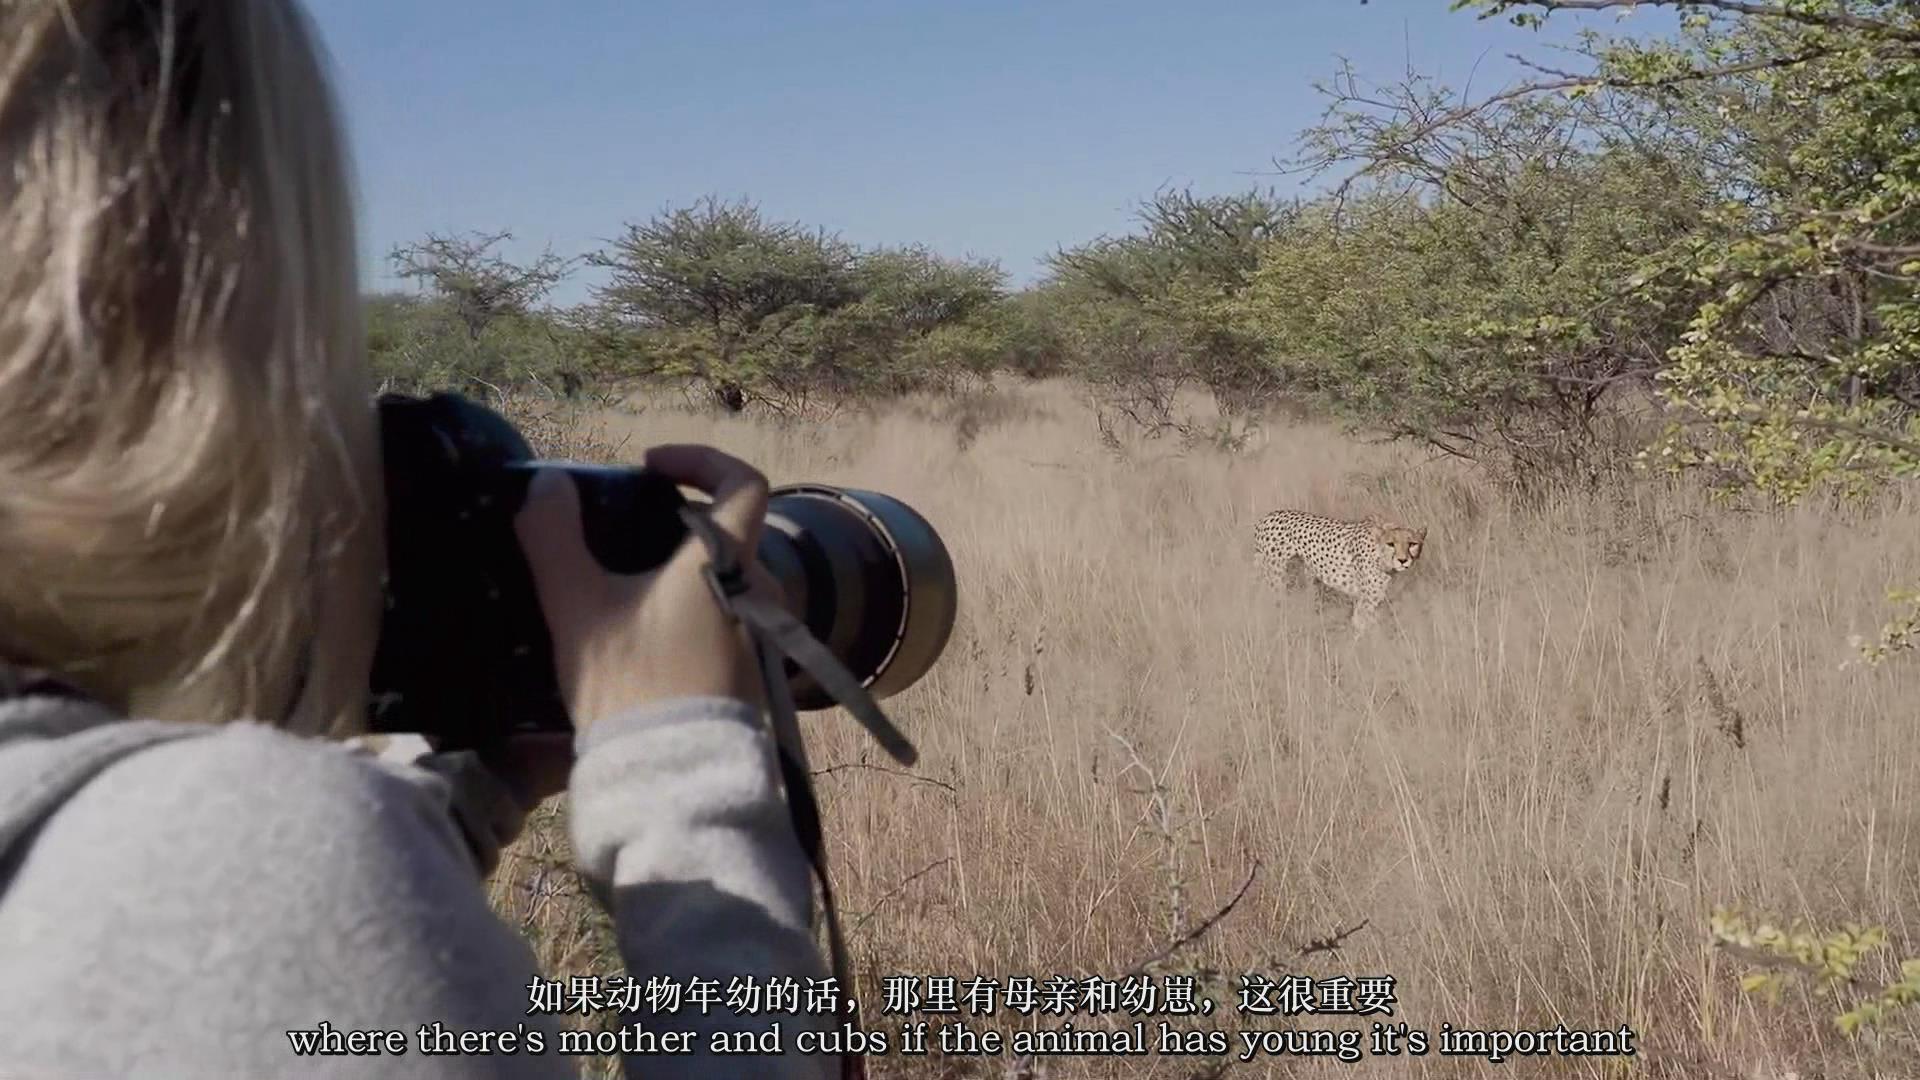 摄影教程_Chase Teron的终极野生动物摄影及后期套装教程附RAW素材-中英字幕 摄影教程 _预览图12